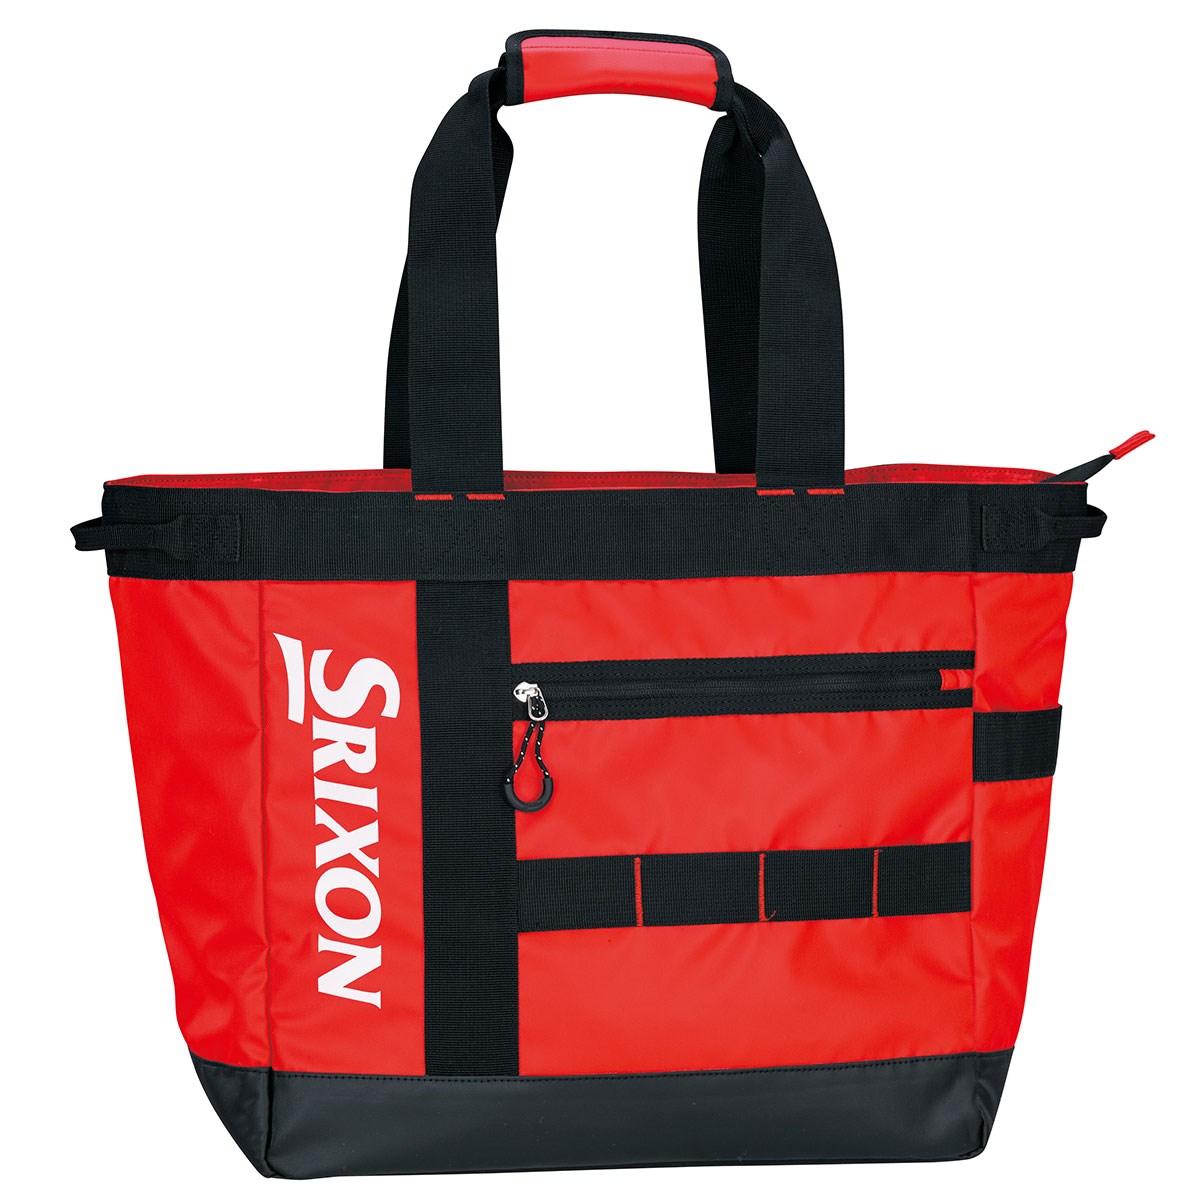 ダンロップ(DUNLOP) スポーツバッグ